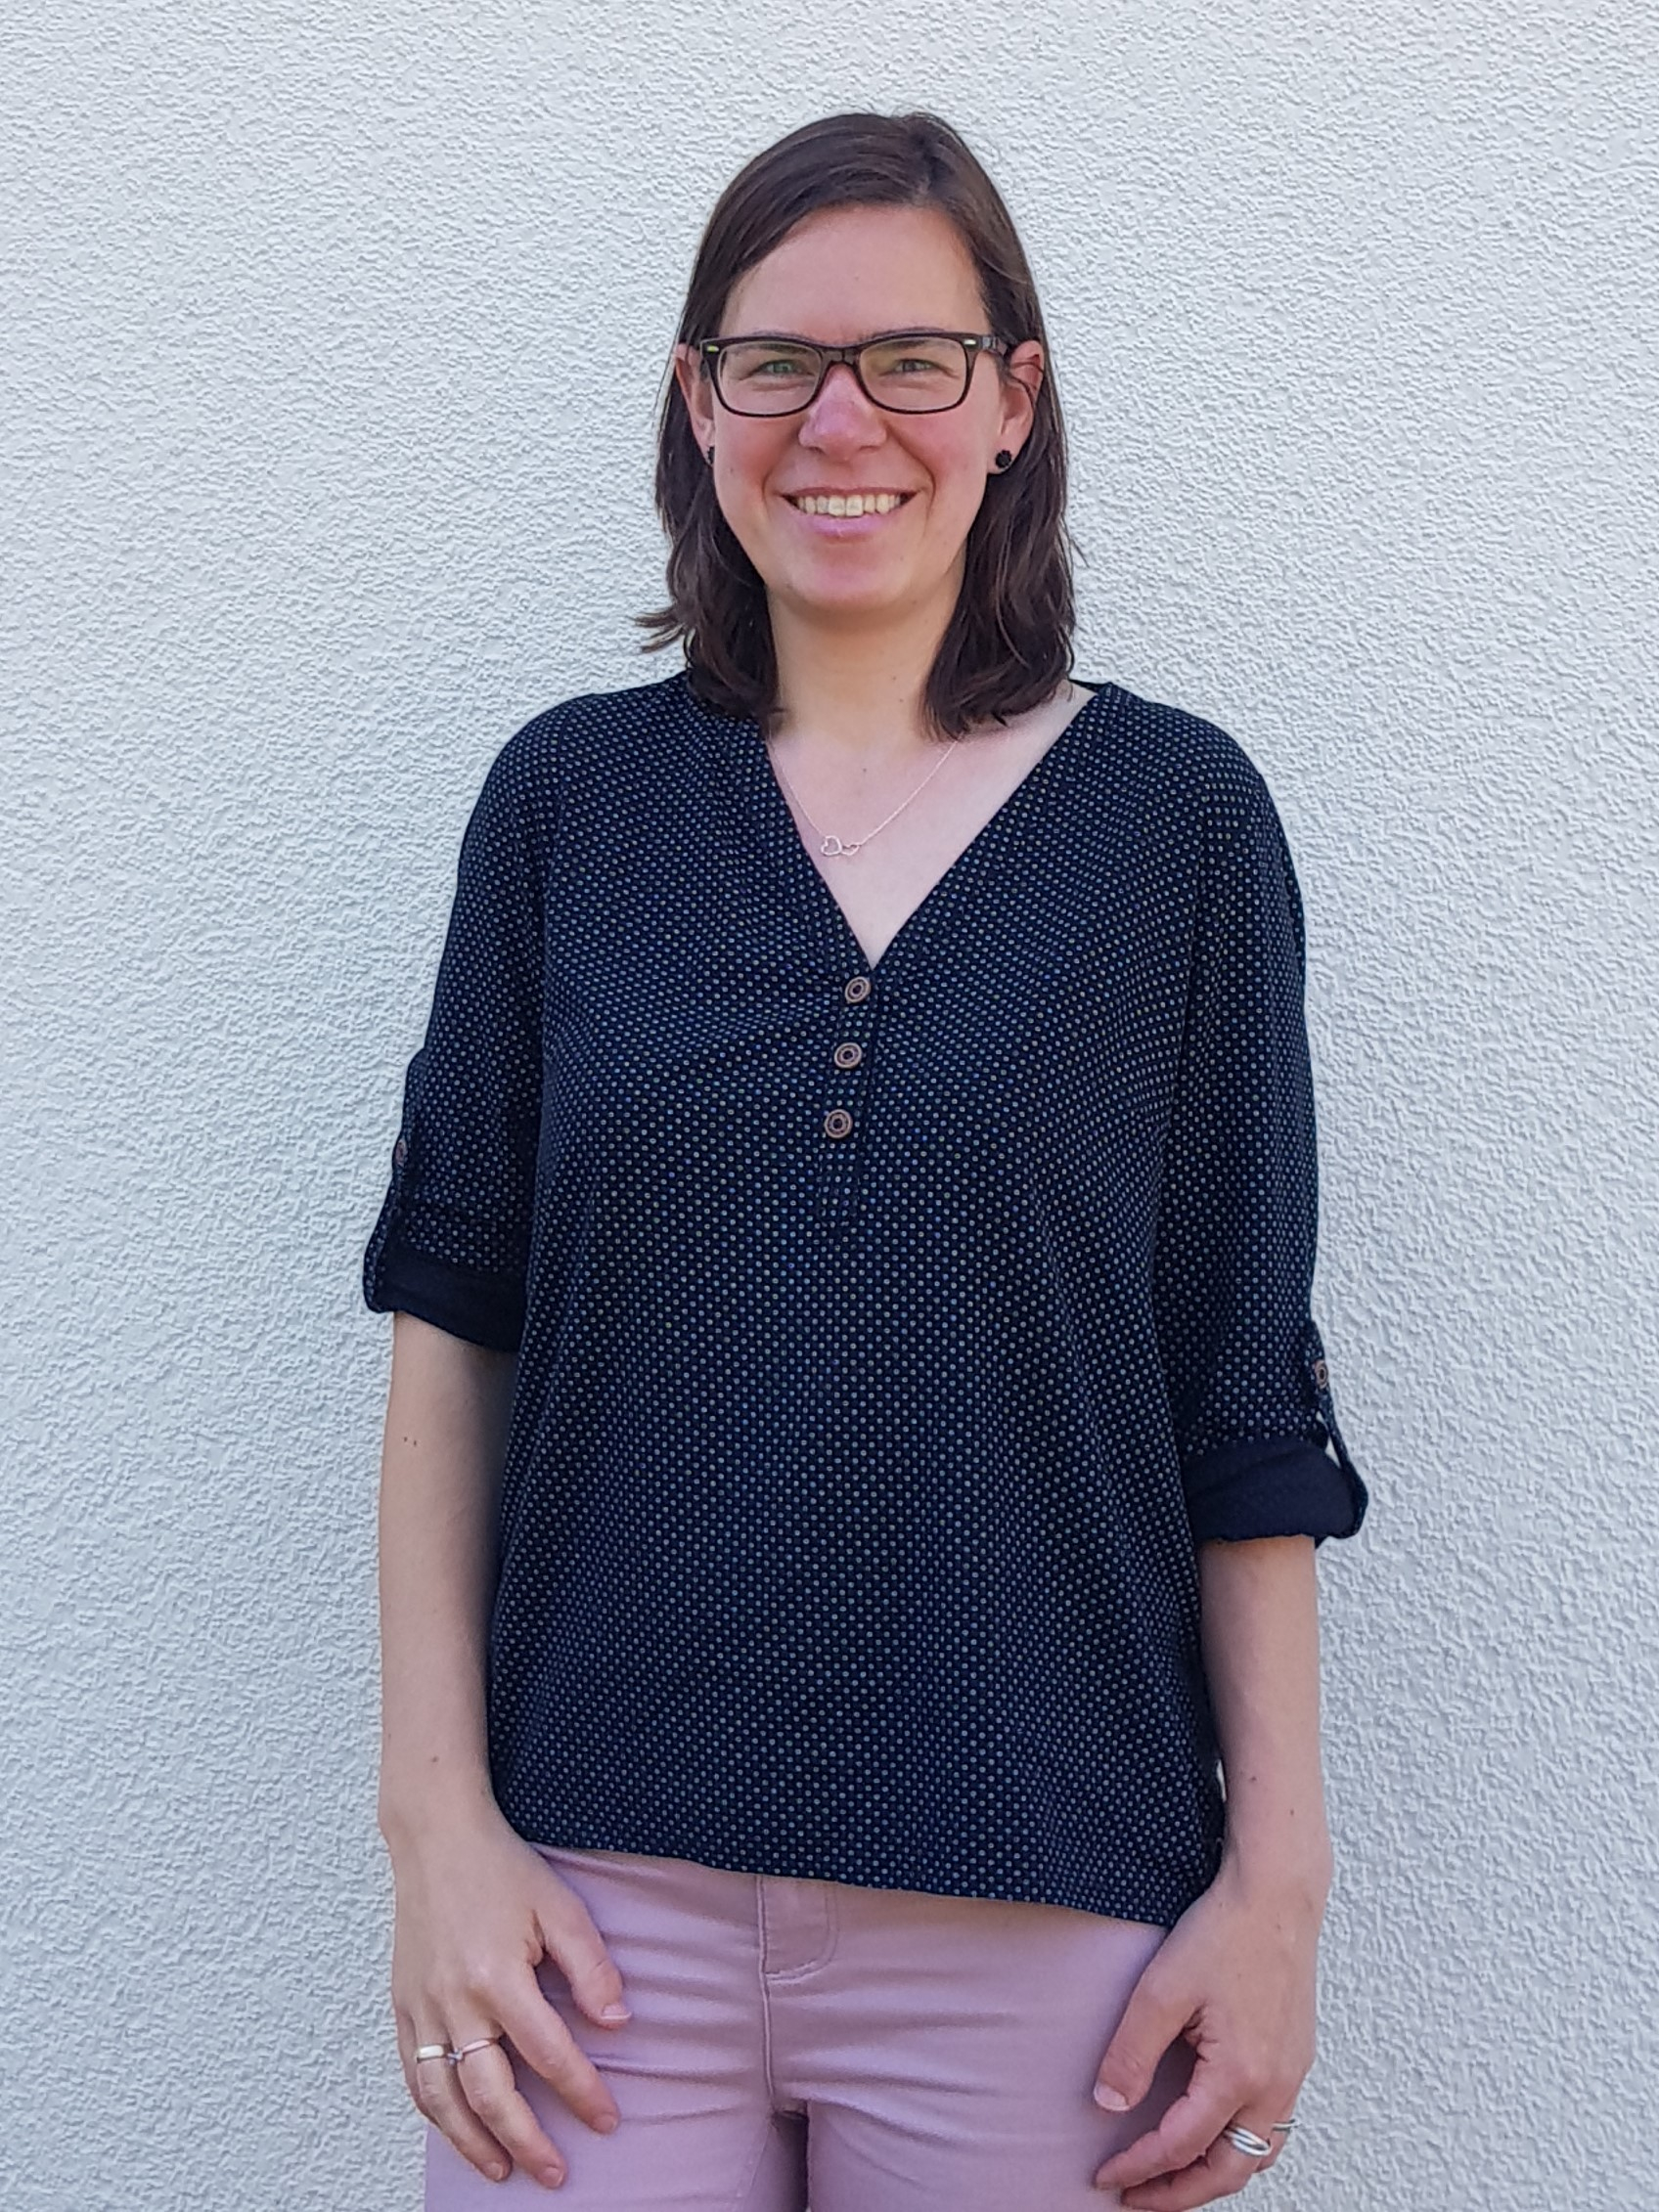 Judith Nonnenmann